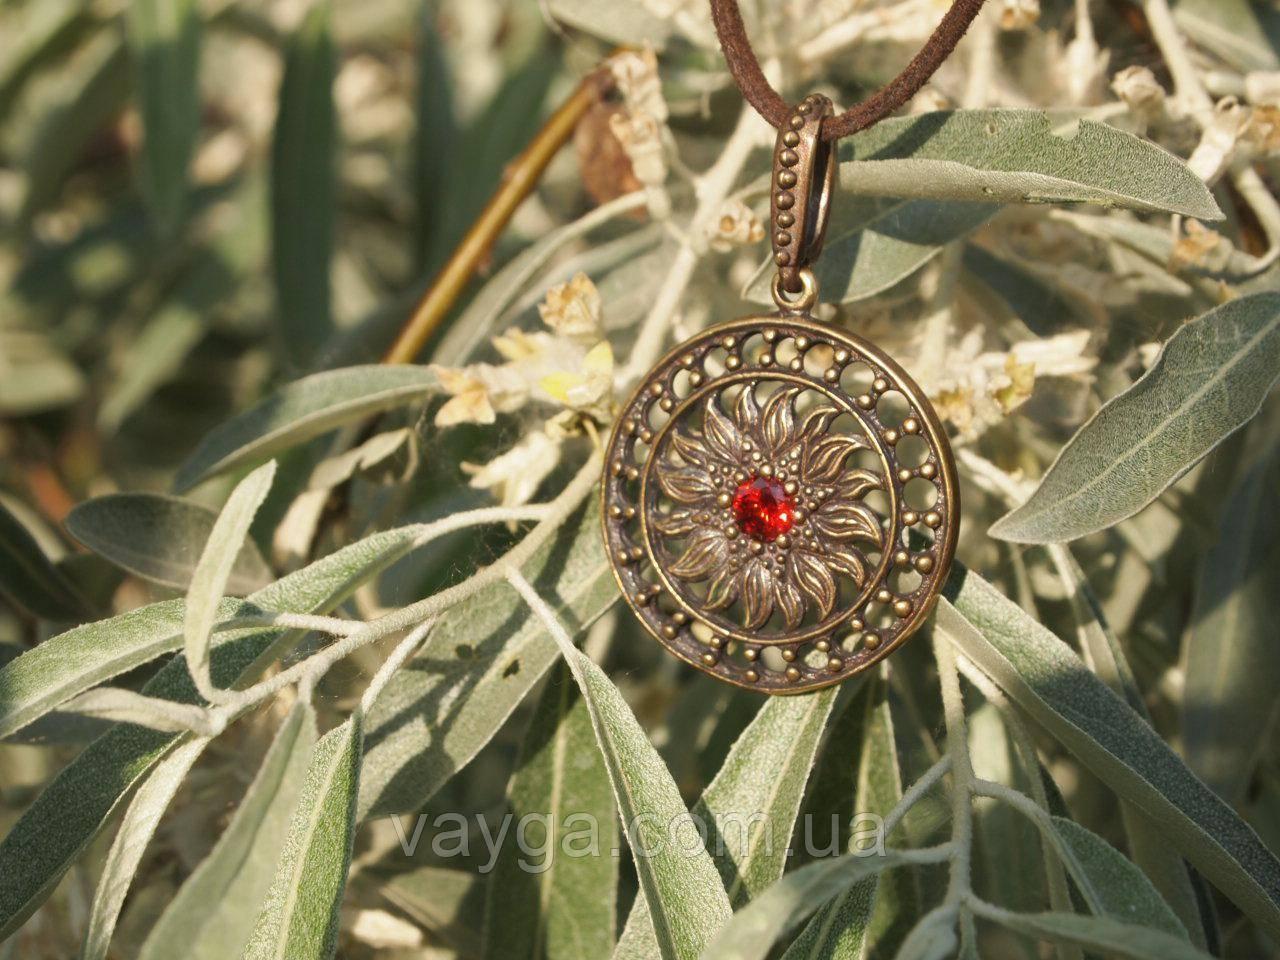 Солярный символ славян солнцеворот: значение знака и празднования